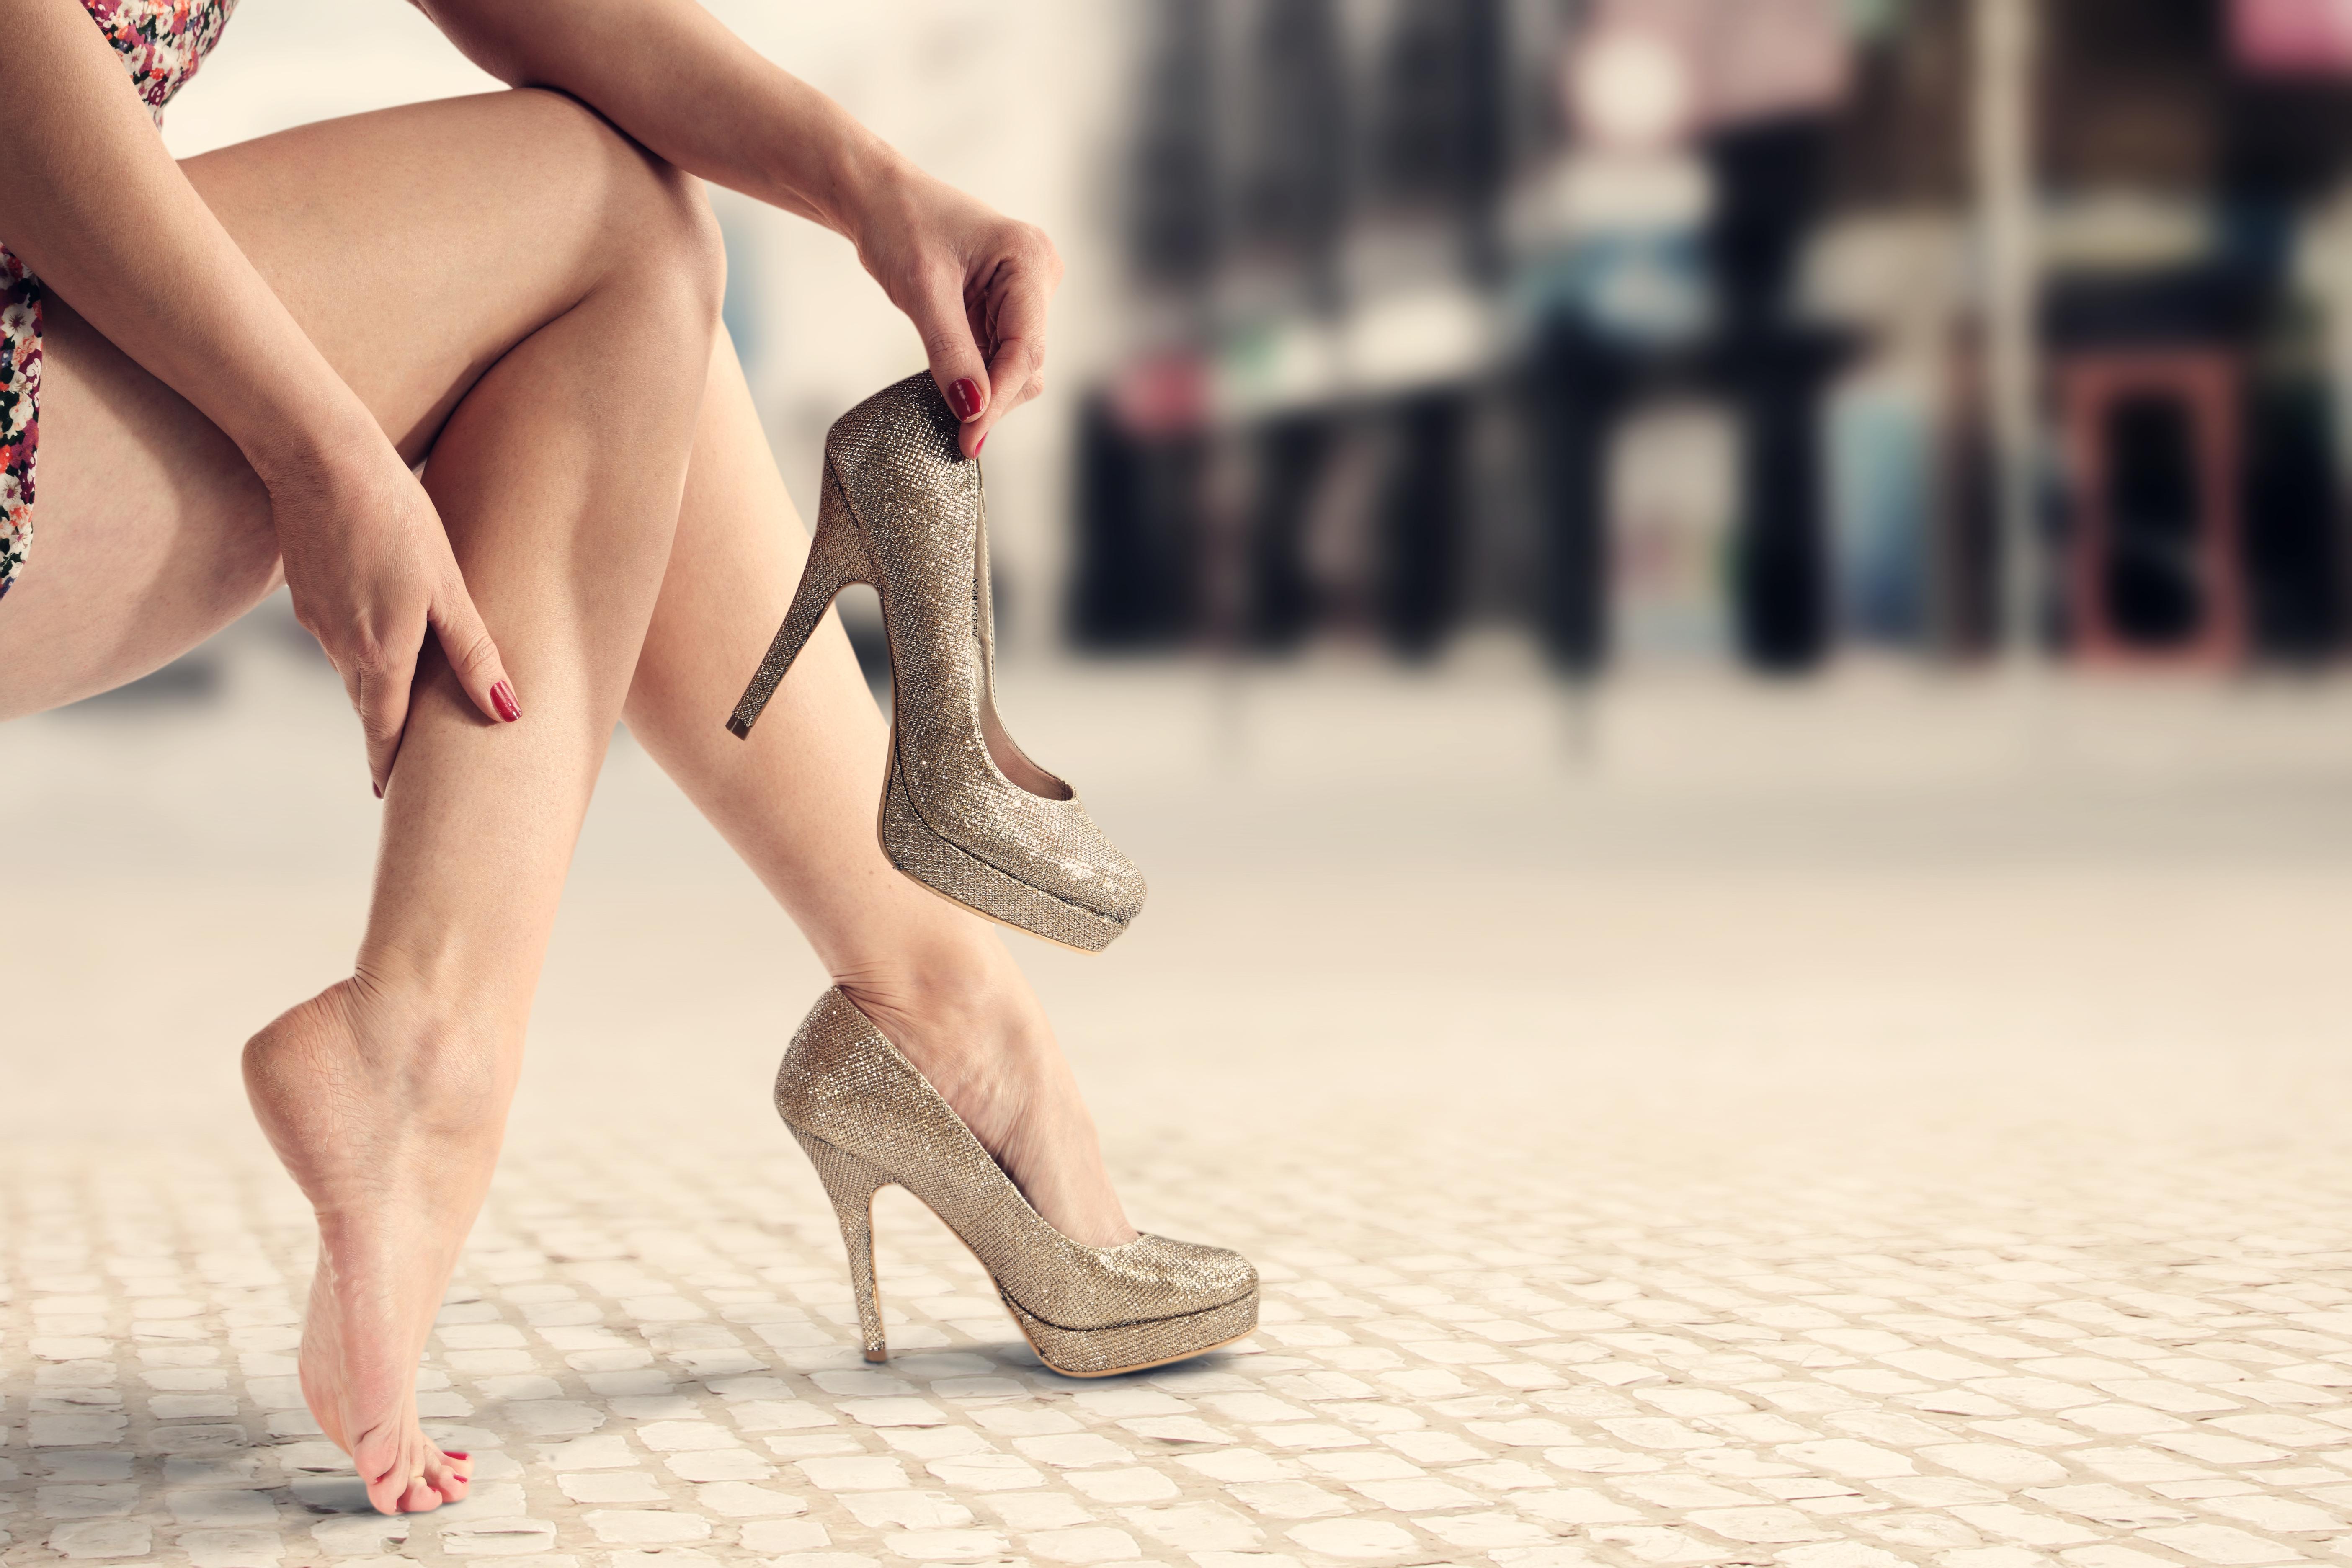 красная обувь  № 1506343 без смс